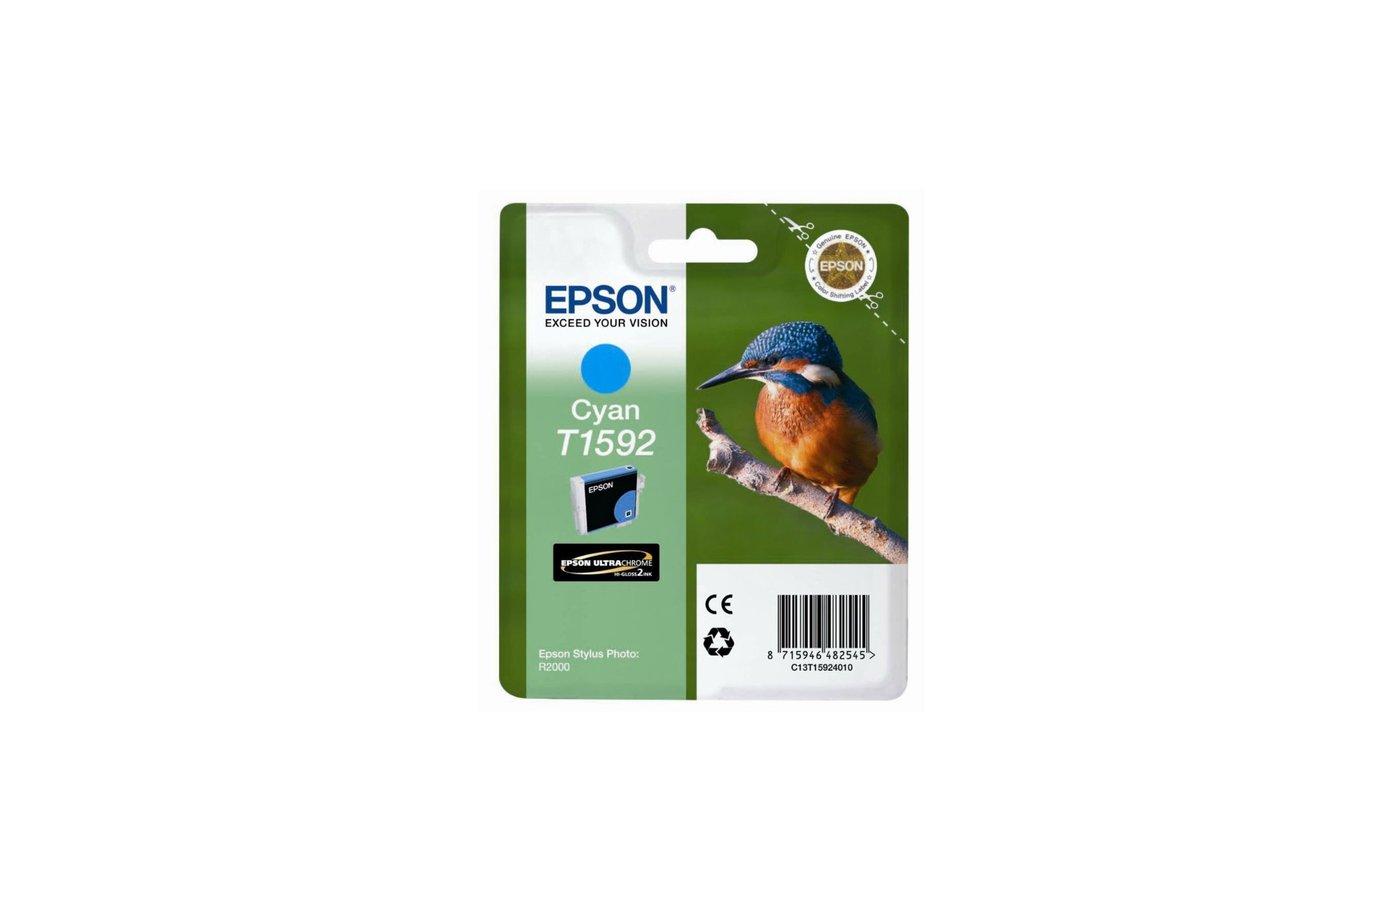 Картридж струйный Epson C13T15924010  струйный для Stylus Photo R2000 (голубой)